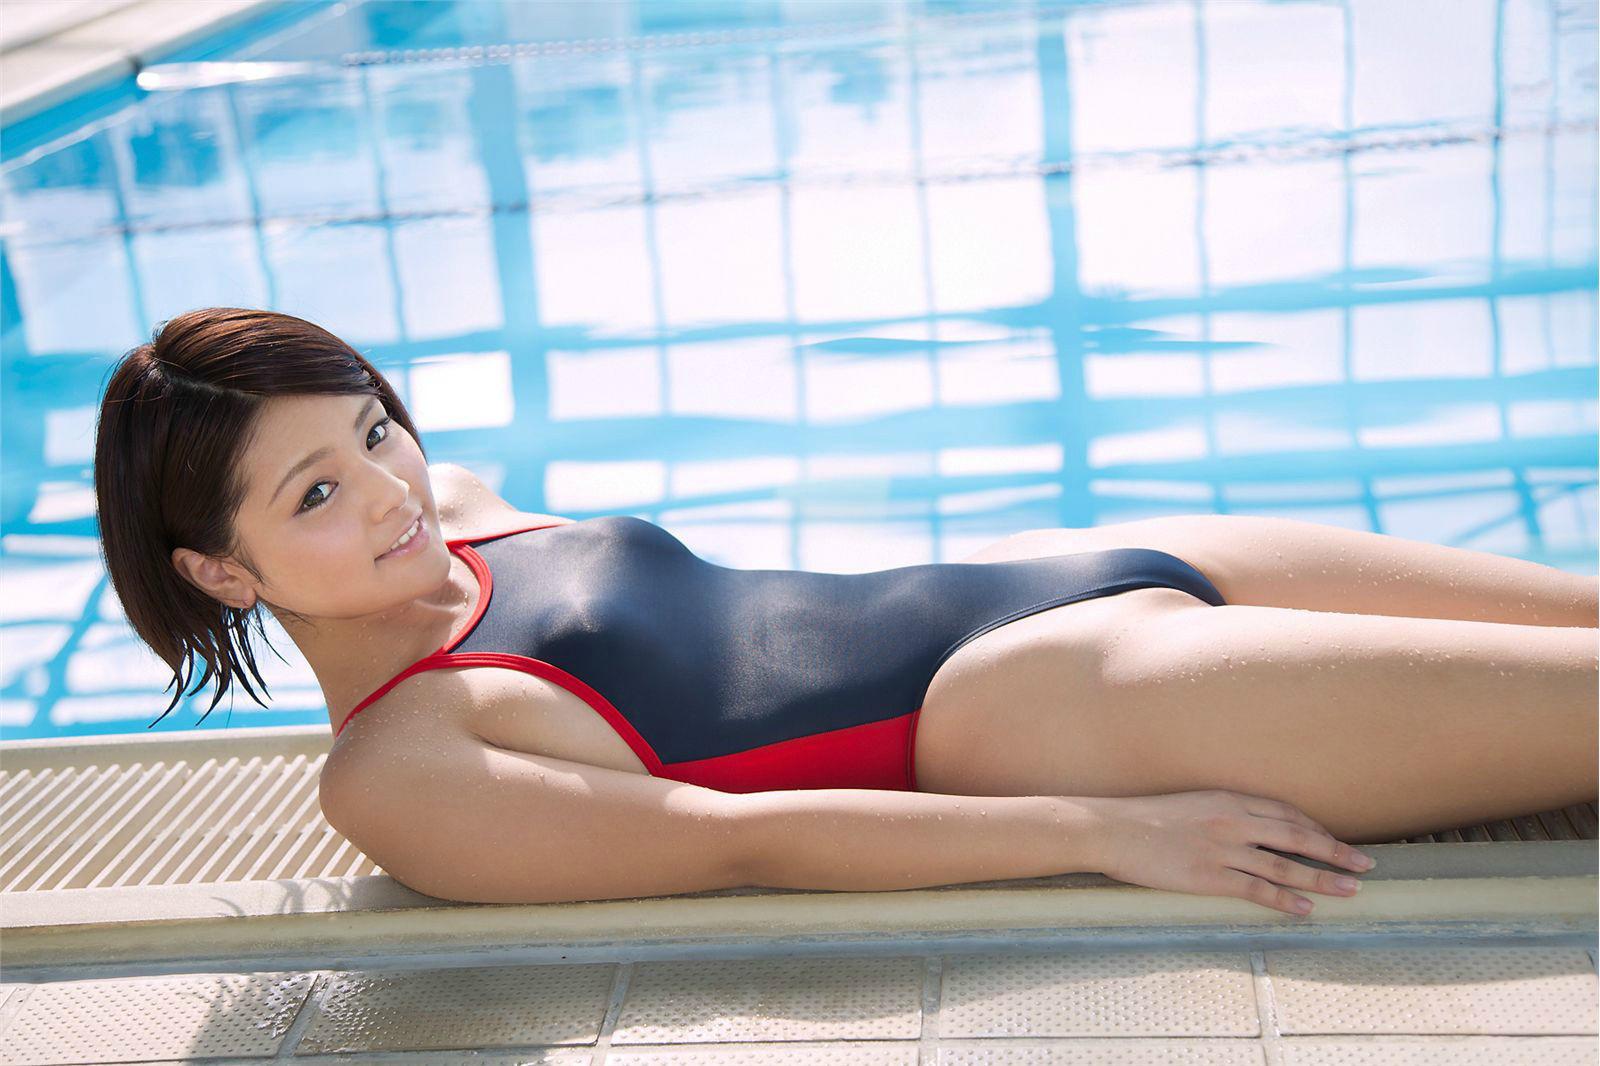 競泳ミズ着が体に密着してお乳の形がハッキリ判っちゃうえろ写真